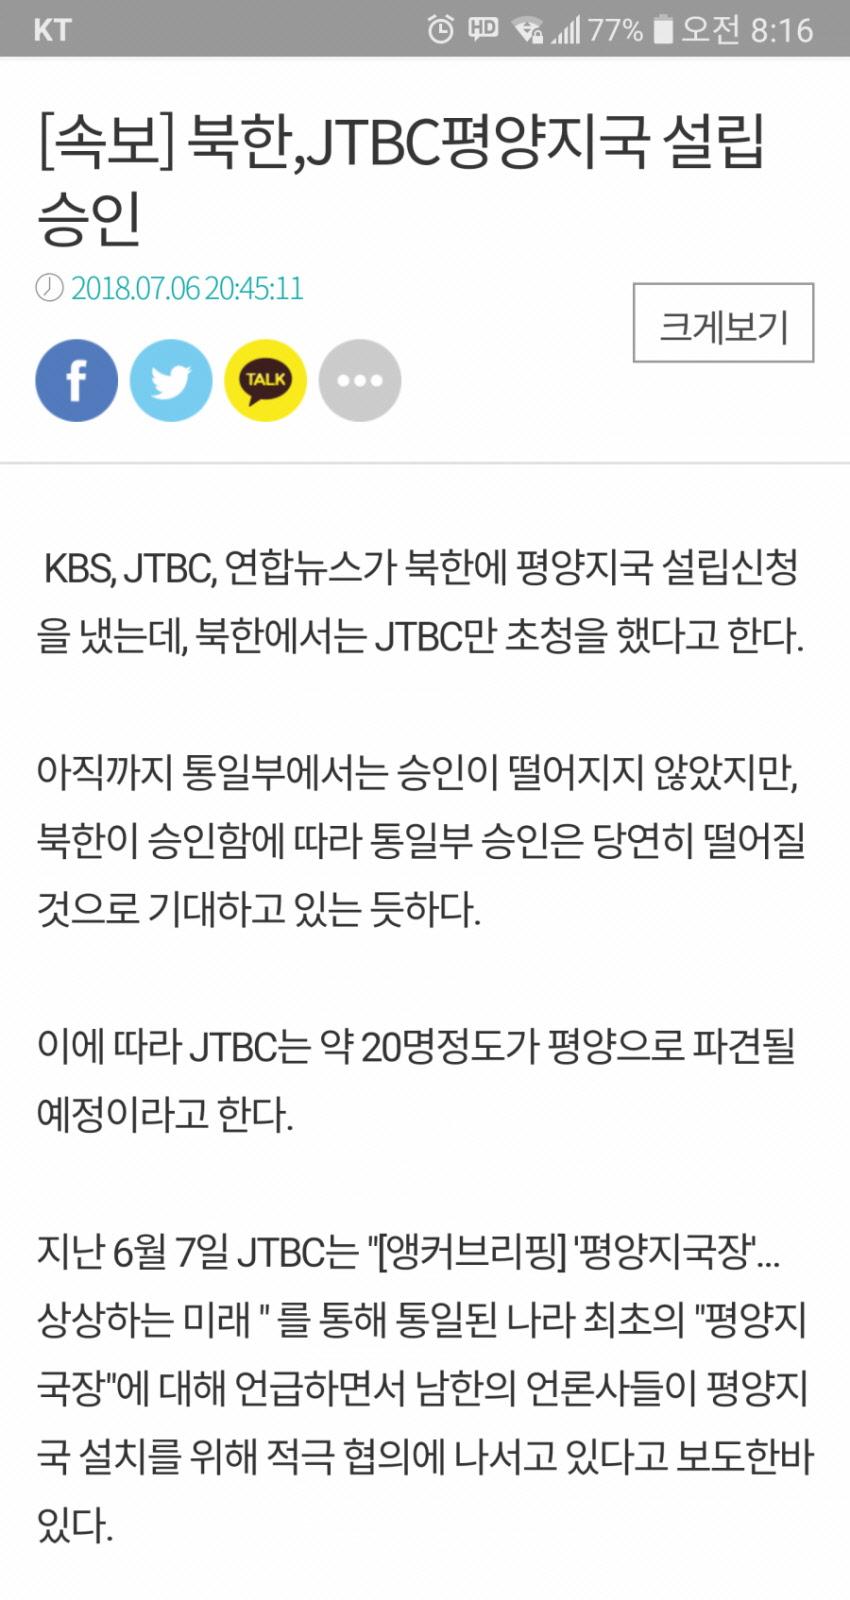 JTBC 평양지국 설립